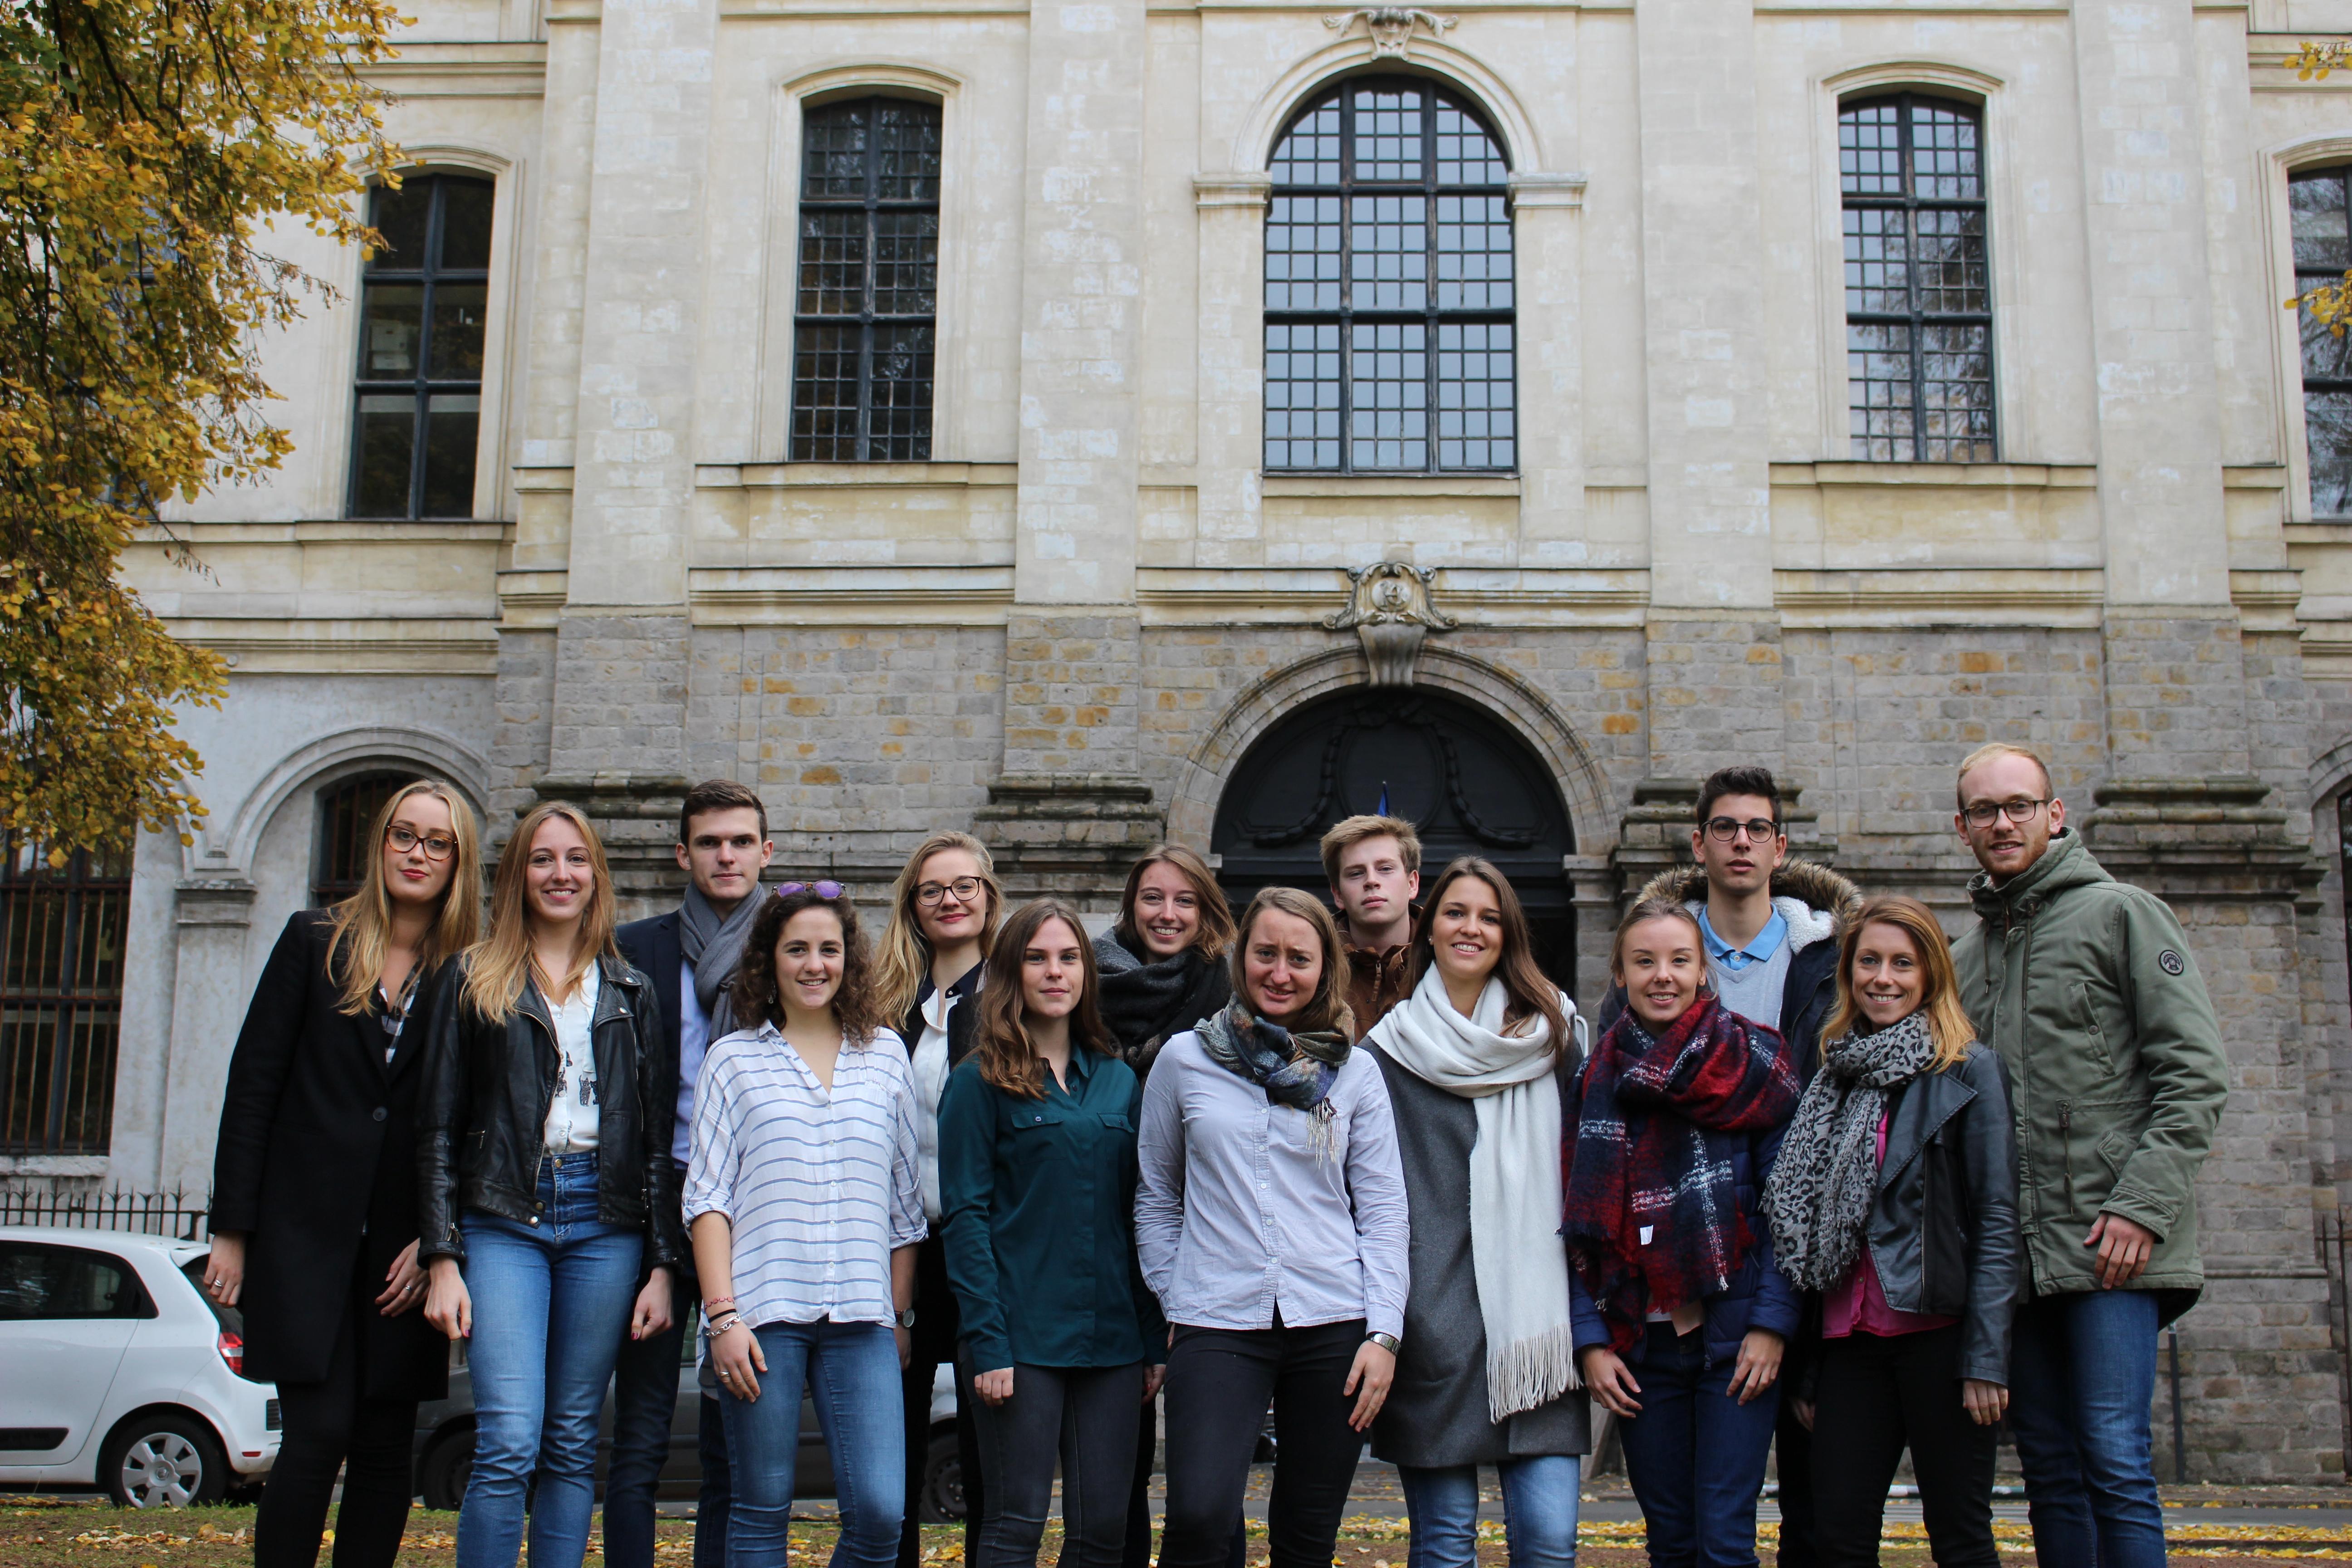 Le projet Actions Humanitaires (AH) composé de quatorze étudiants, issue de la Licence 3 MSG et du Master 1 MGBU de l'IAE Lille.